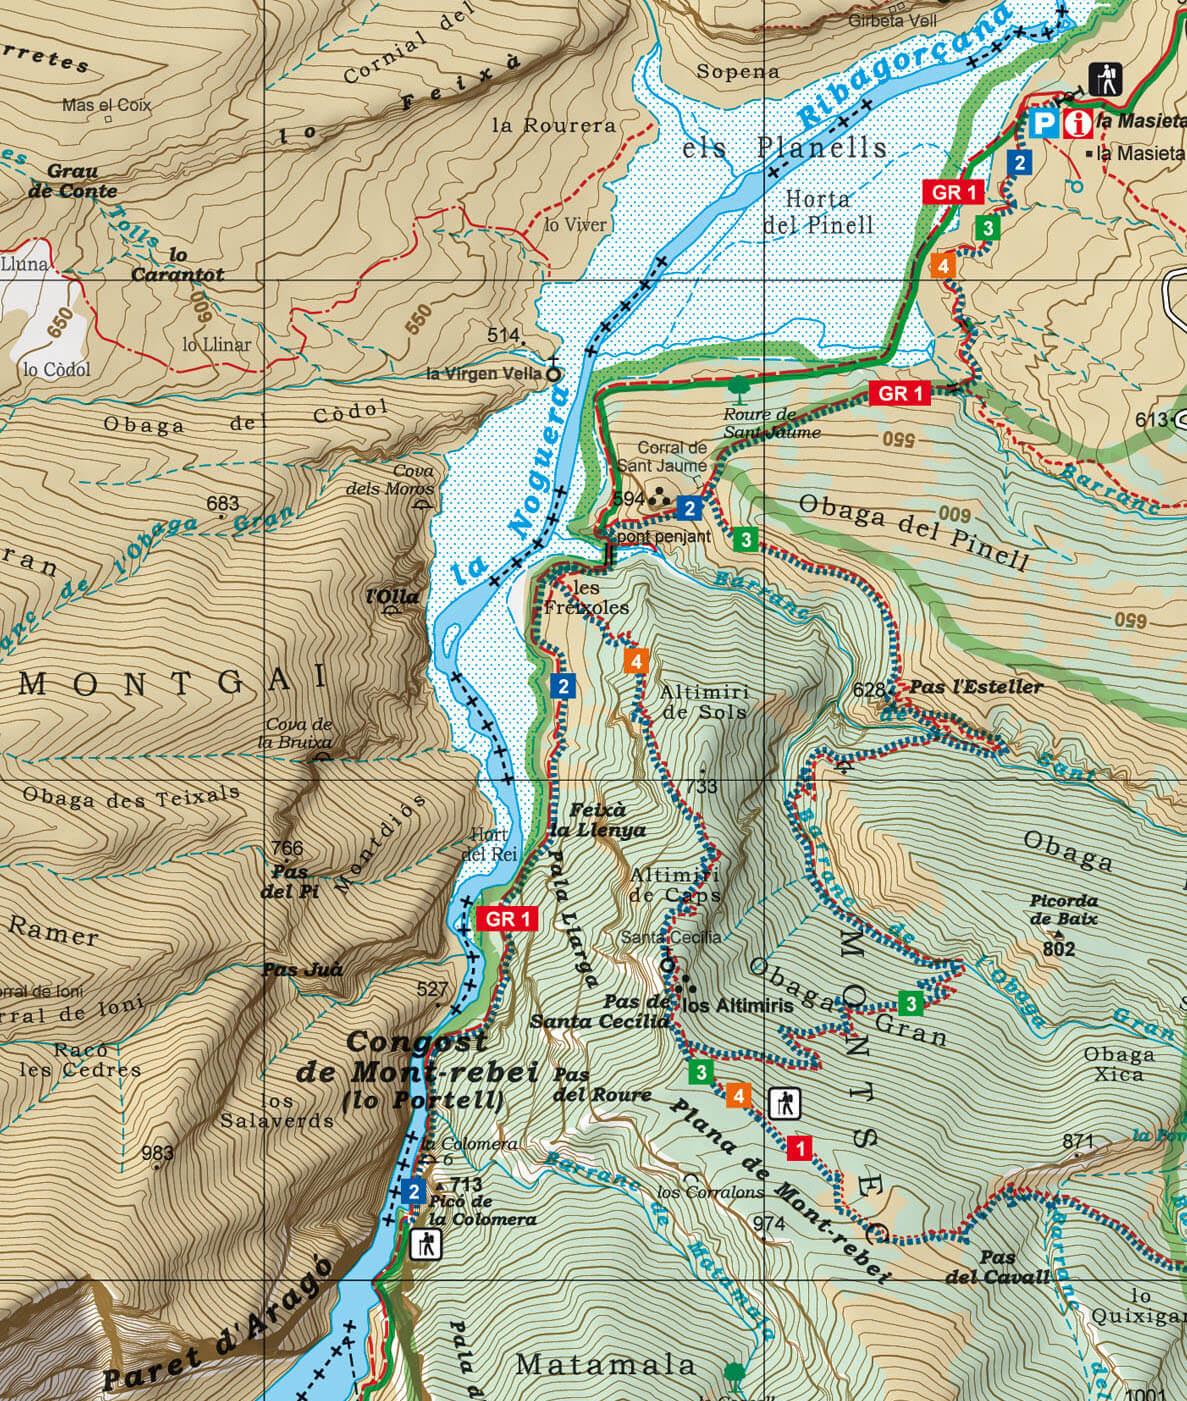 Mapa del Congost del Mont-Rebei